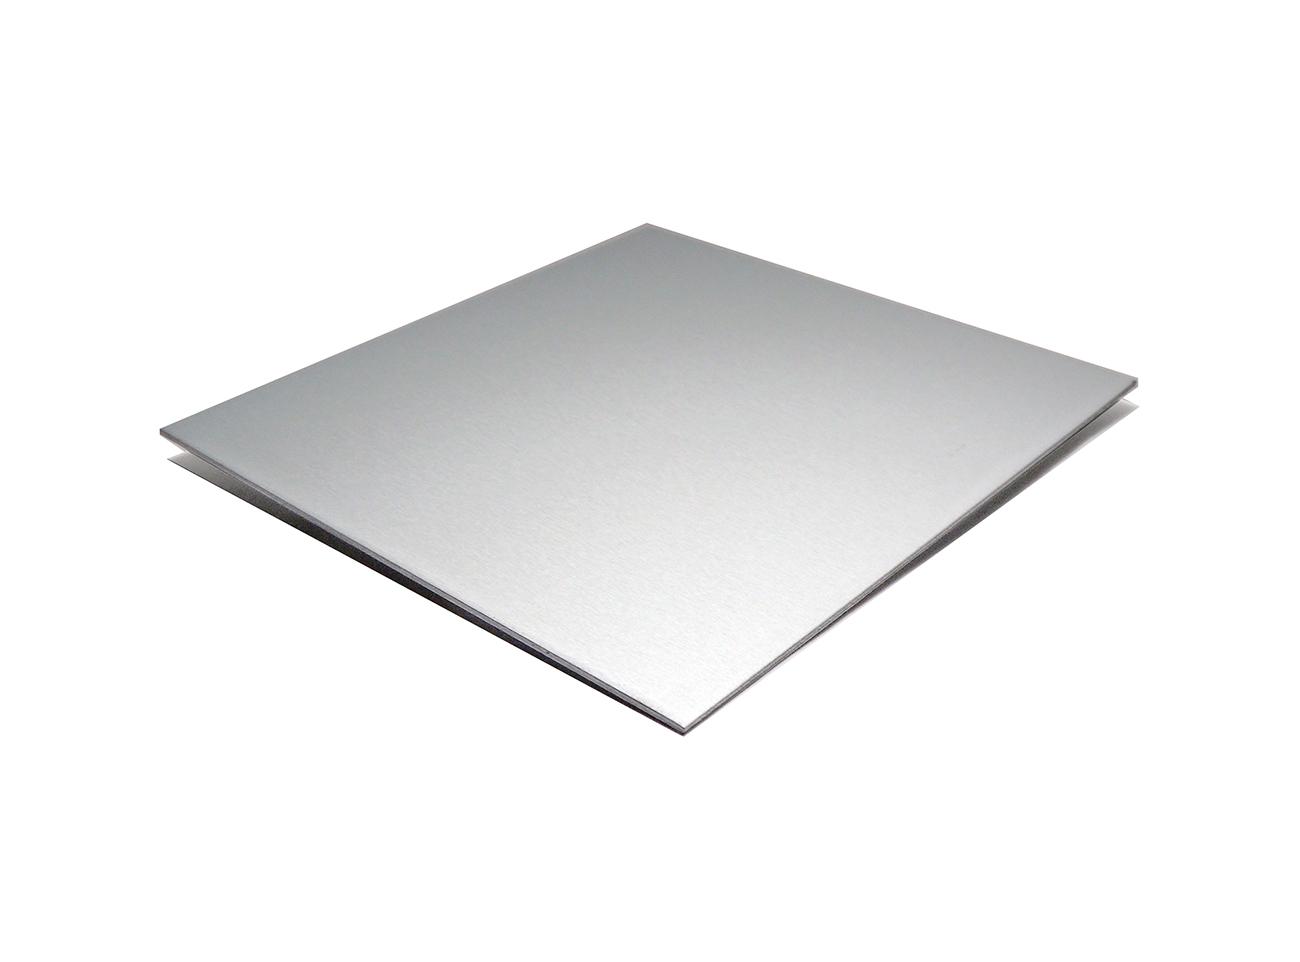 Chapa lisa aluminio talleres ggb - Placas de aluminio ...